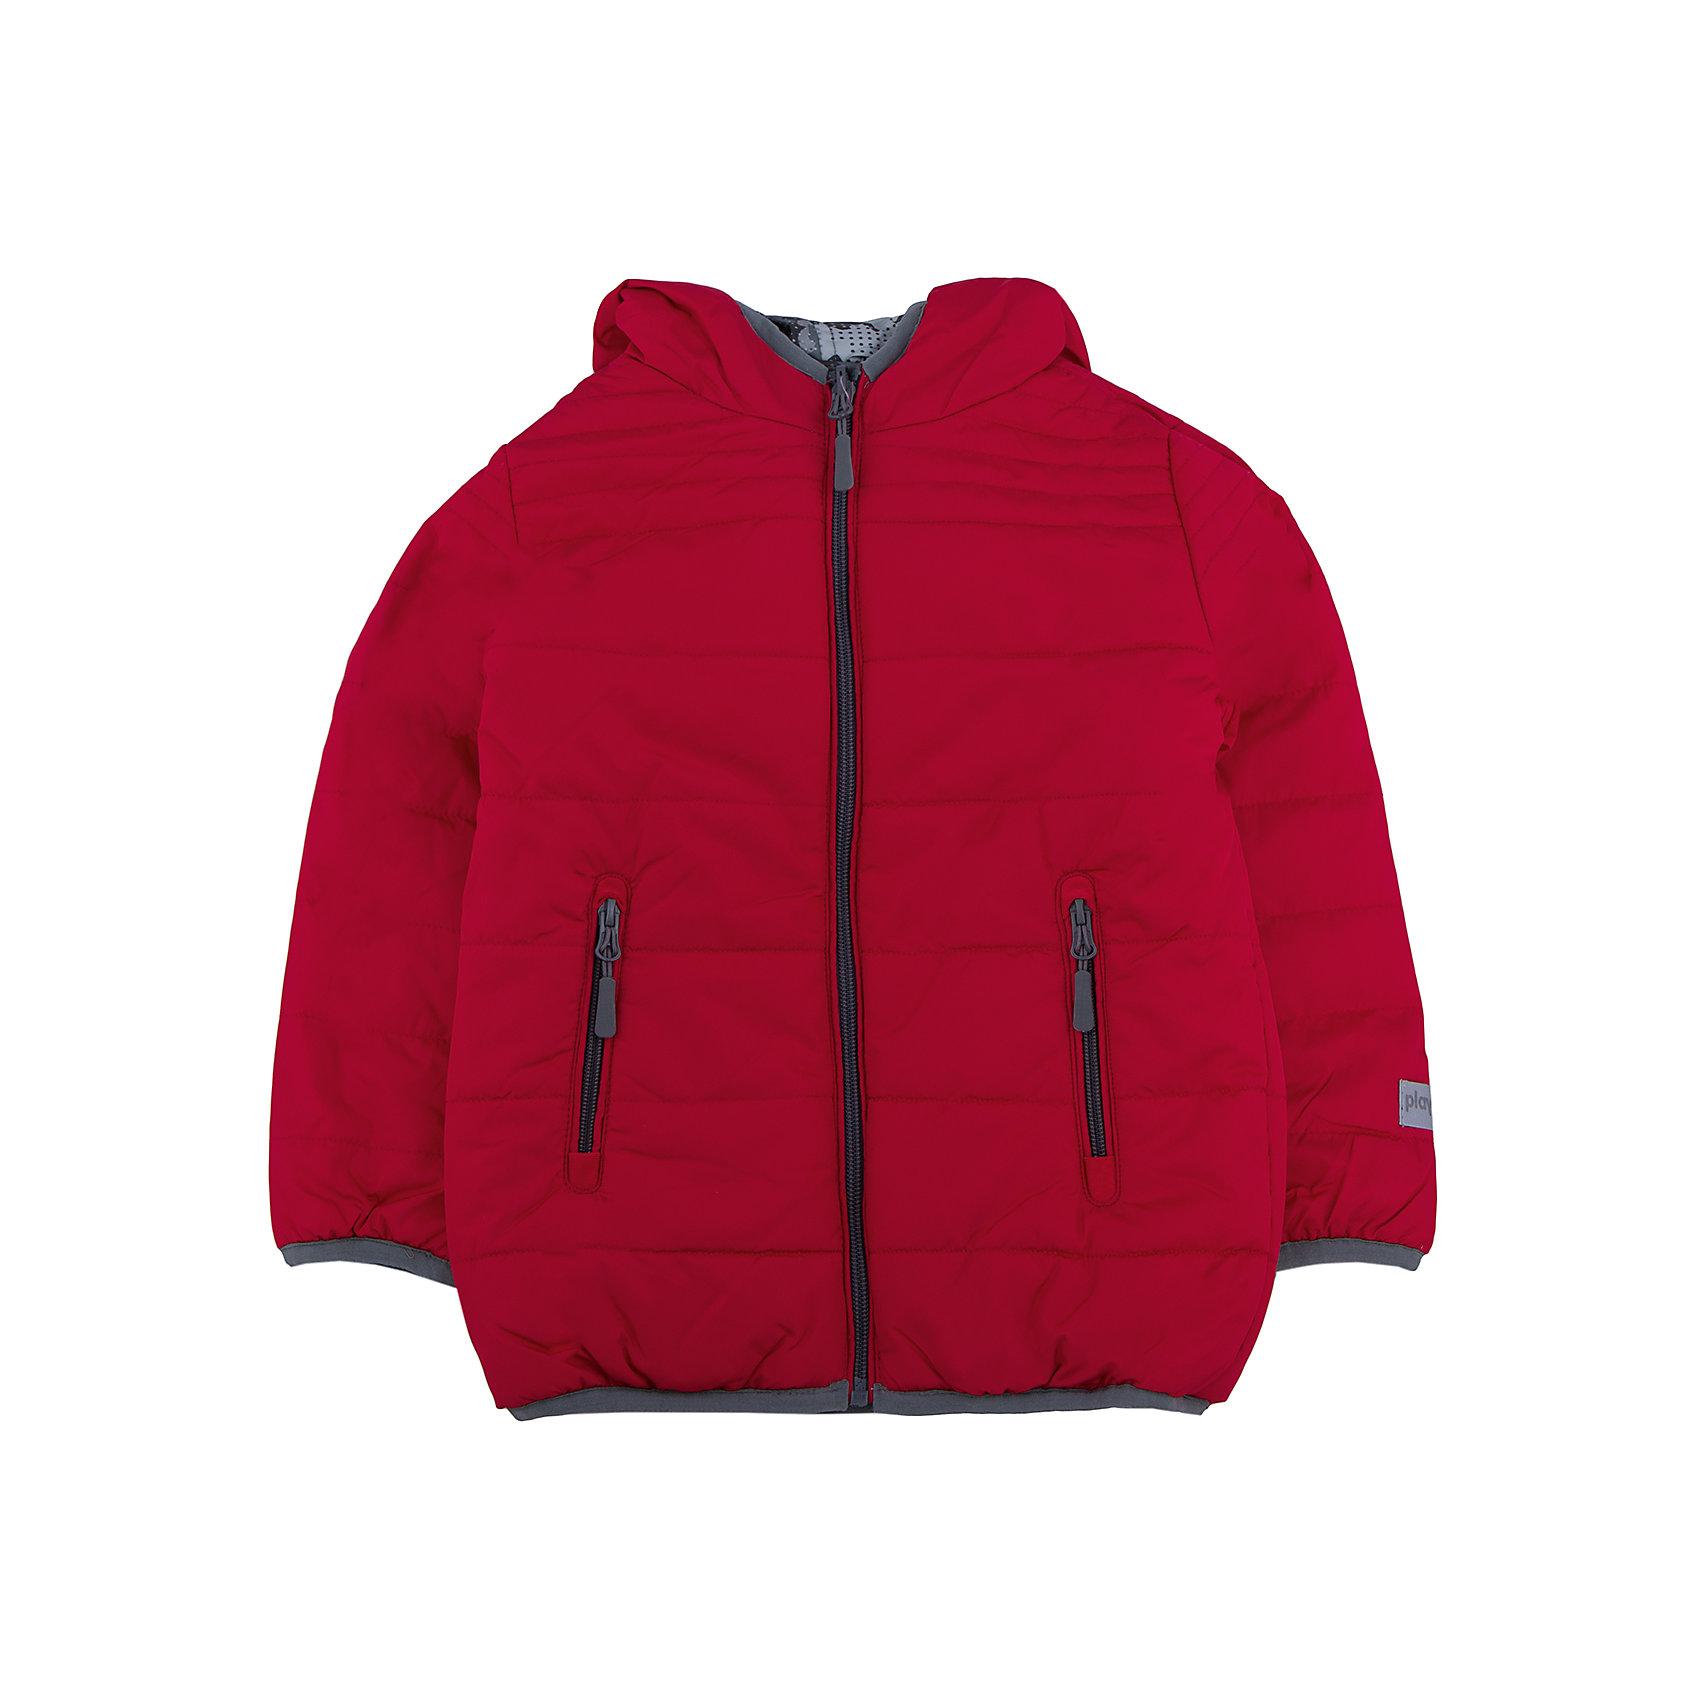 Куртка для мальчика PlayTodayДемисезонные куртки<br>Куртка для мальчика от известного бренда PlayToday.<br>Стильная и яркая стеганая куртка с капюшоном. Застегивается на молнию. Двухсторонняя, можно носить как красной стороной наружу, так и принтованной в стиле милитари. Есть два функциональных кармана на молнии и светоотражатели. Края обработаны эластичным кантом.<br>Состав:<br>Верх: 100% полиэстер, Подкладка: 100% полиэстер, Наполнитель: 100% полиэстер, 250 г/м2<br><br>Ширина мм: 356<br>Глубина мм: 10<br>Высота мм: 245<br>Вес г: 519<br>Цвет: разноцветный<br>Возраст от месяцев: 48<br>Возраст до месяцев: 60<br>Пол: Мужской<br>Возраст: Детский<br>Размер: 110,122,104,128,116,98<br>SKU: 4896543